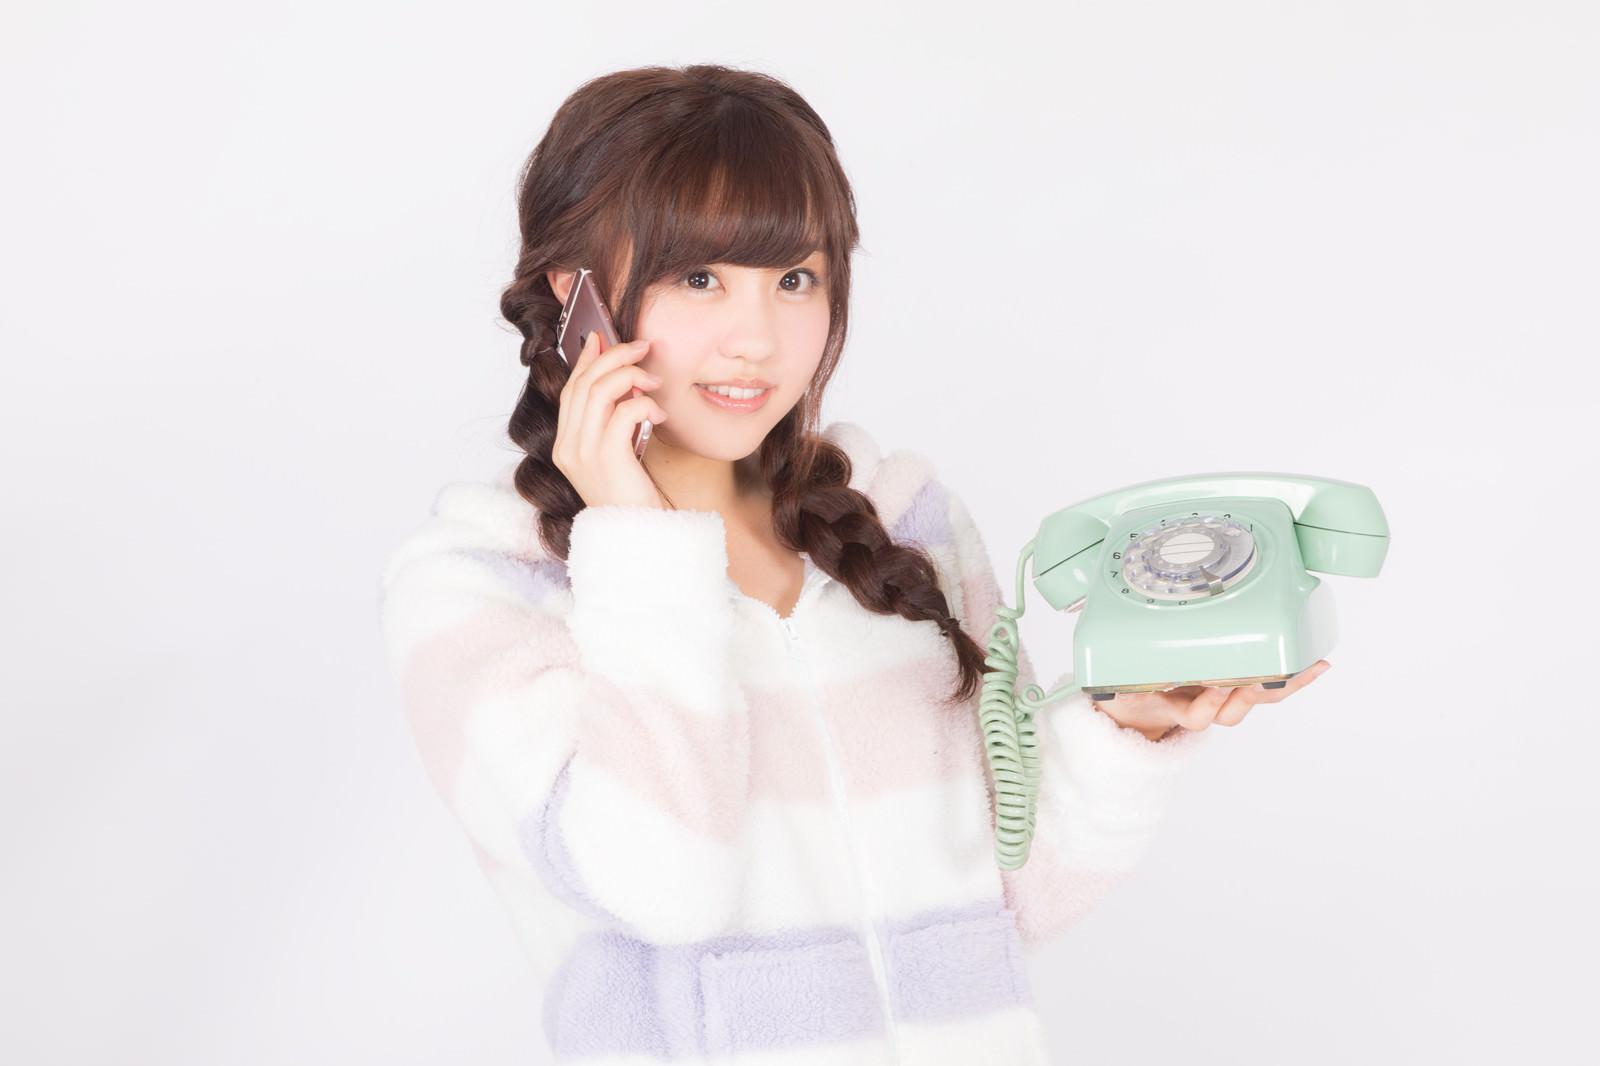 「ダイヤル式電話機の使い方がわからずスマホから電話する平成生まれ」の写真[モデル:河村友歌]